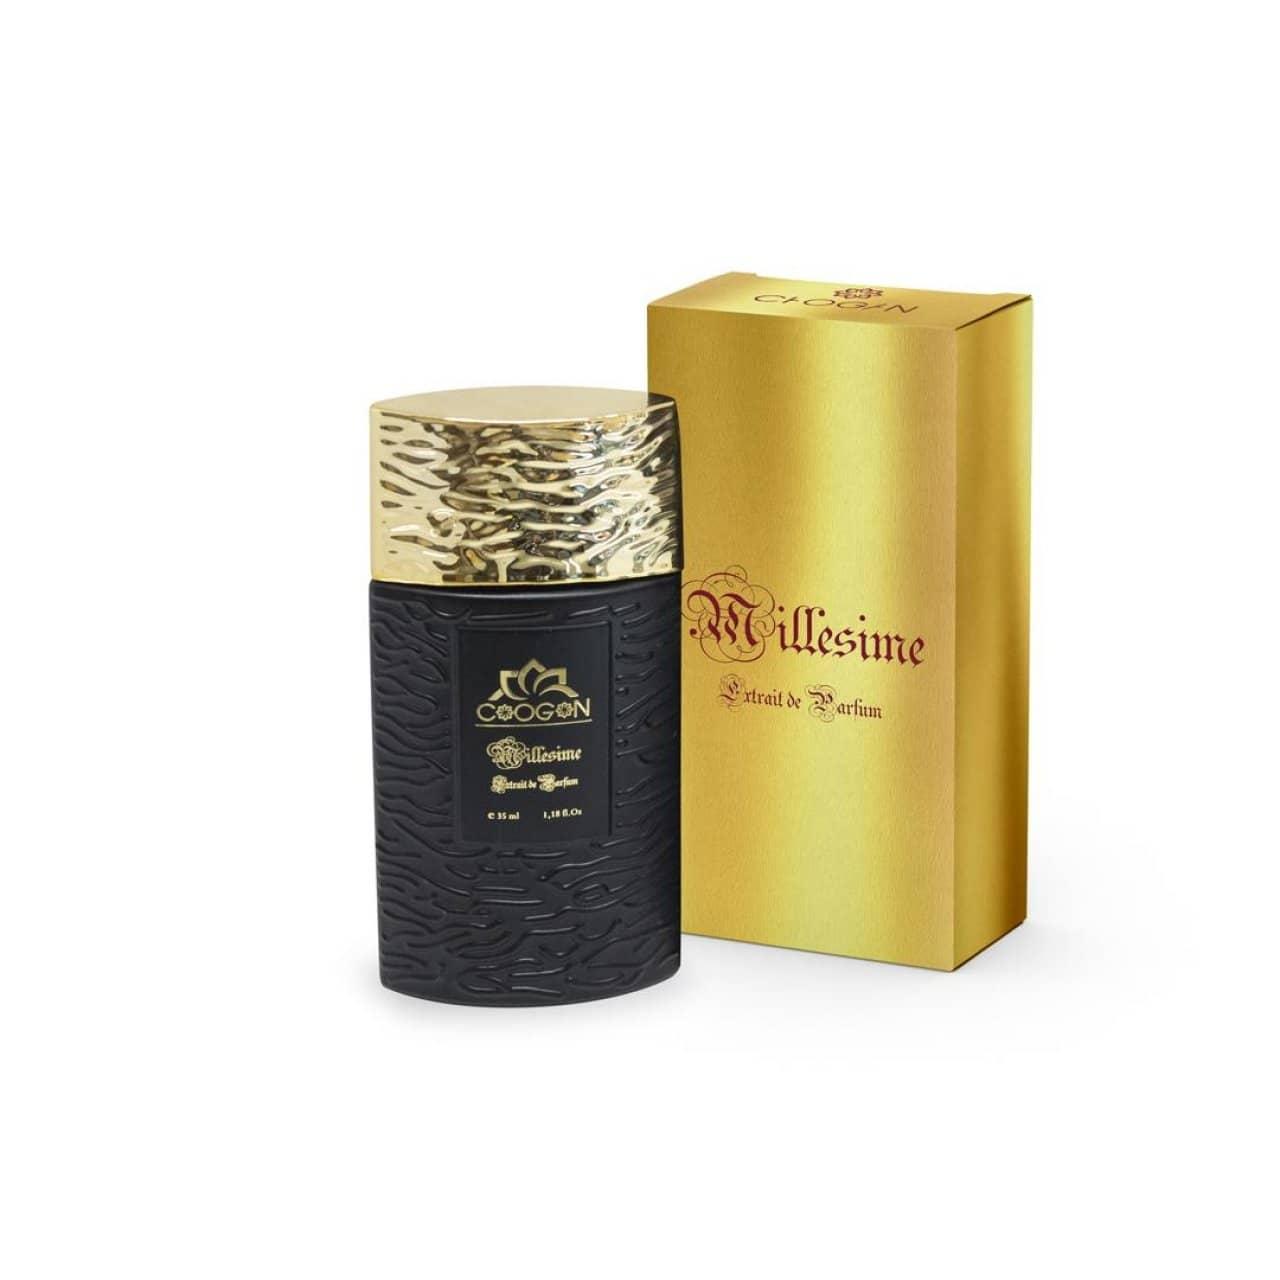 Parfum homme code 060-35ml